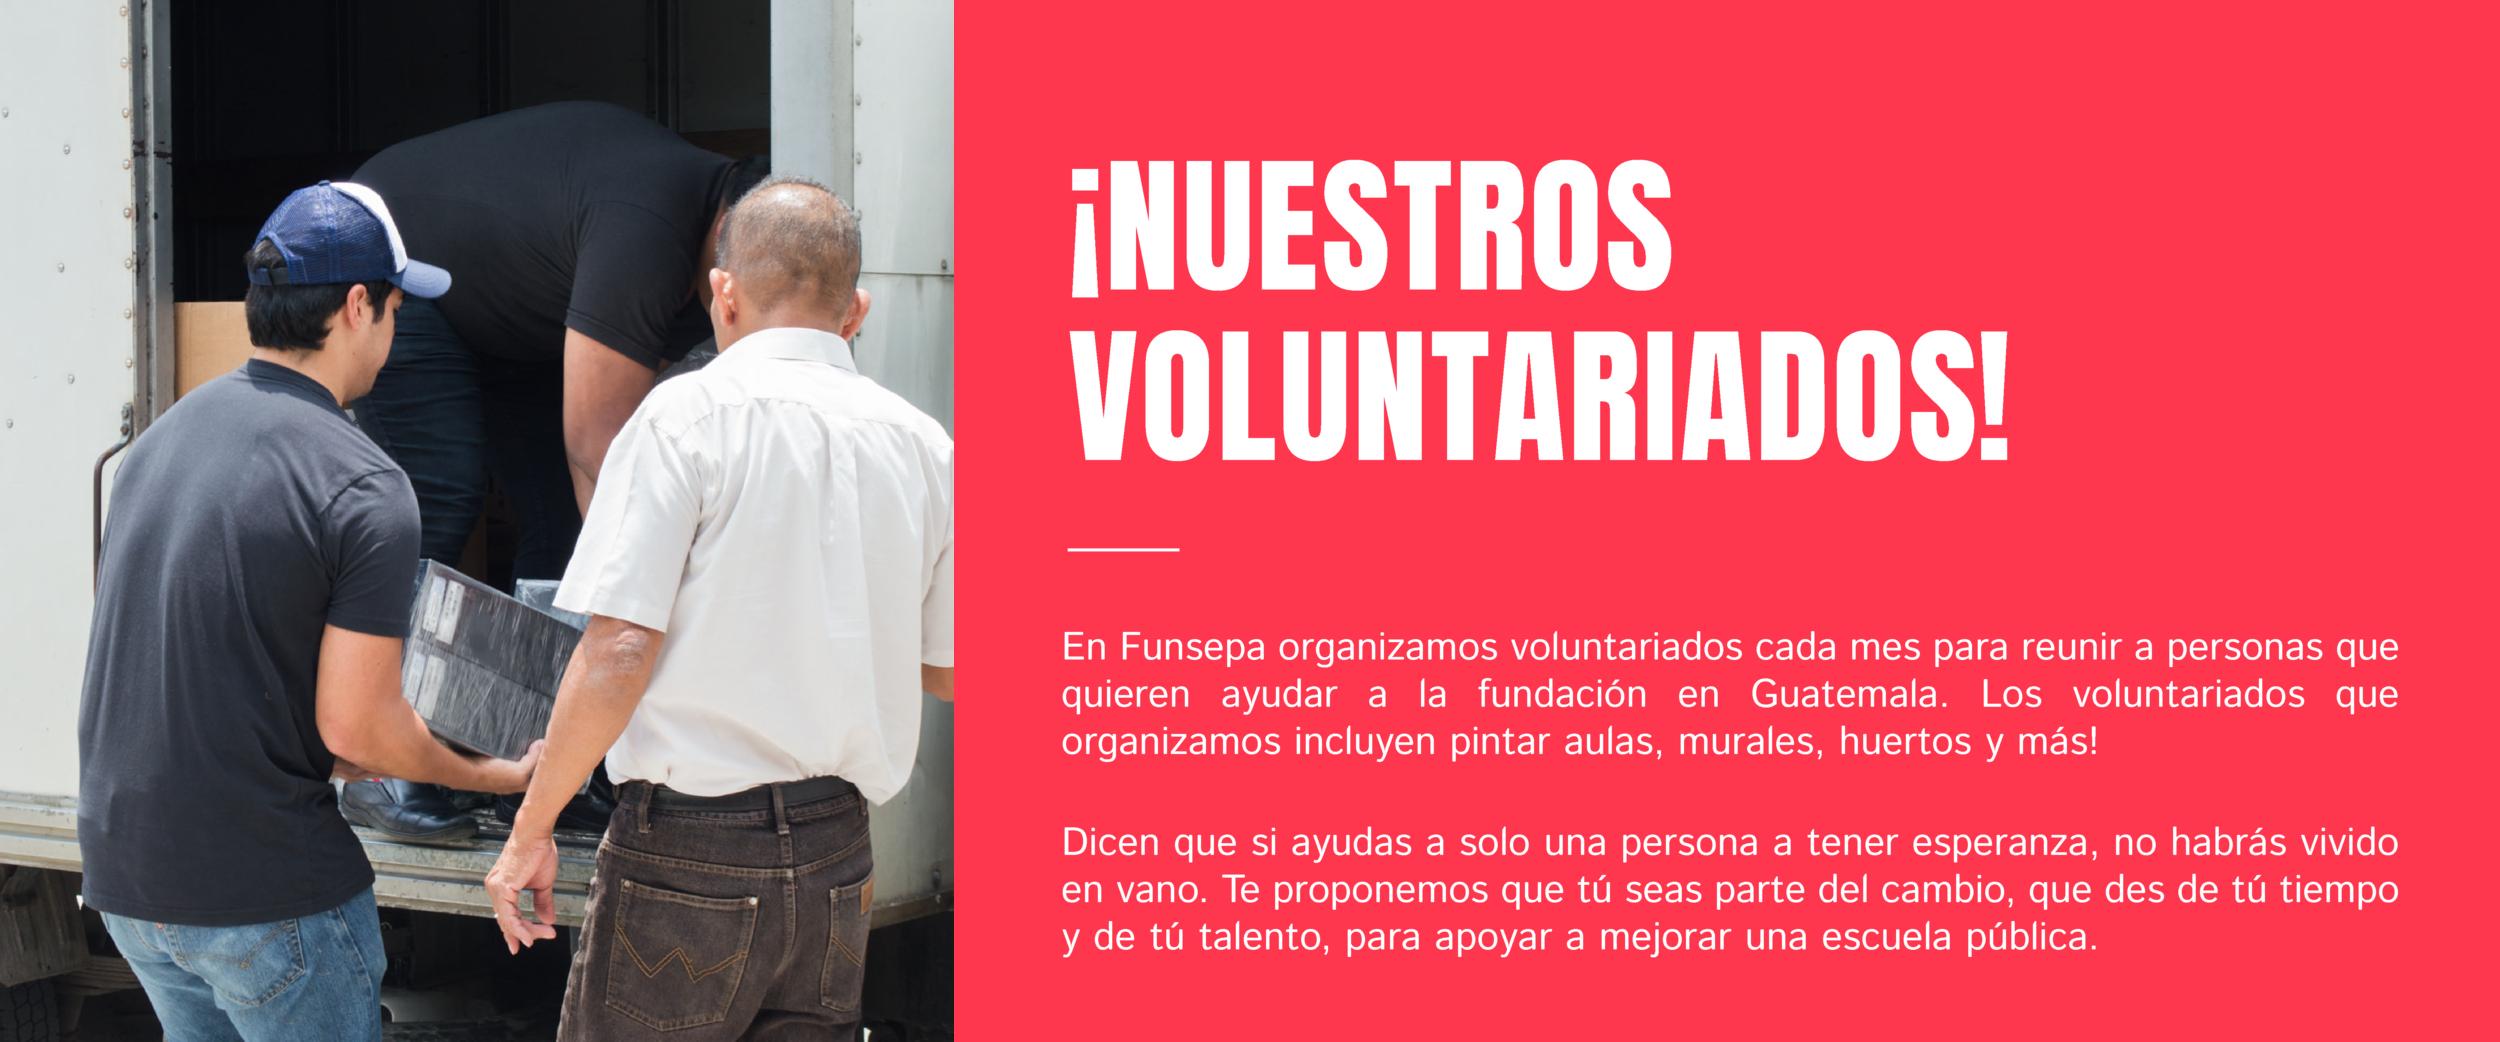 Voluntariados-01.png